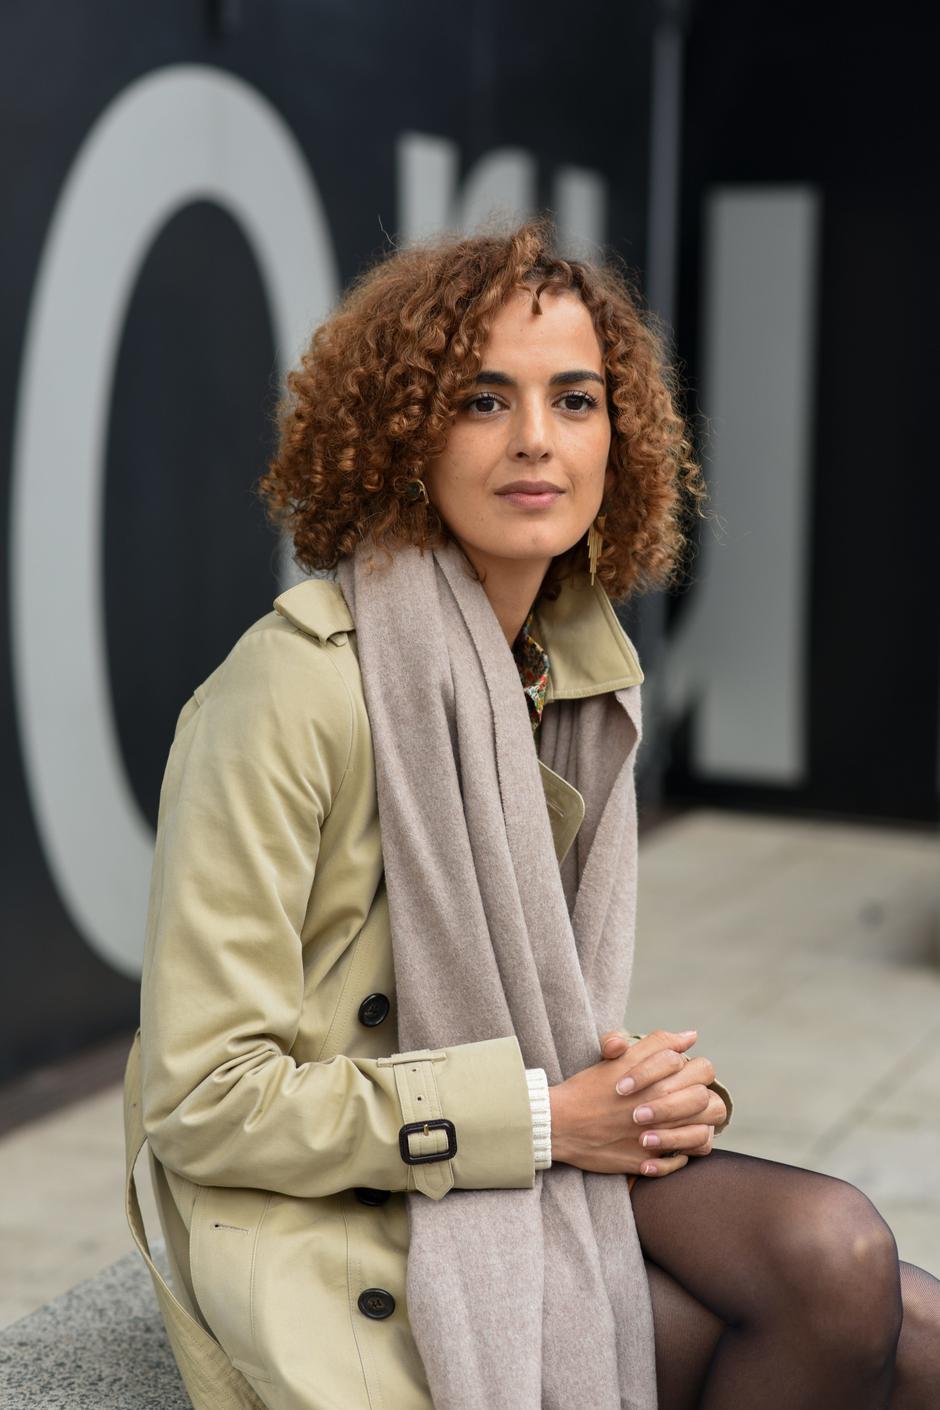 Leïla Slimani | Author: Uwe Zucchi/DPA/PIXSELL